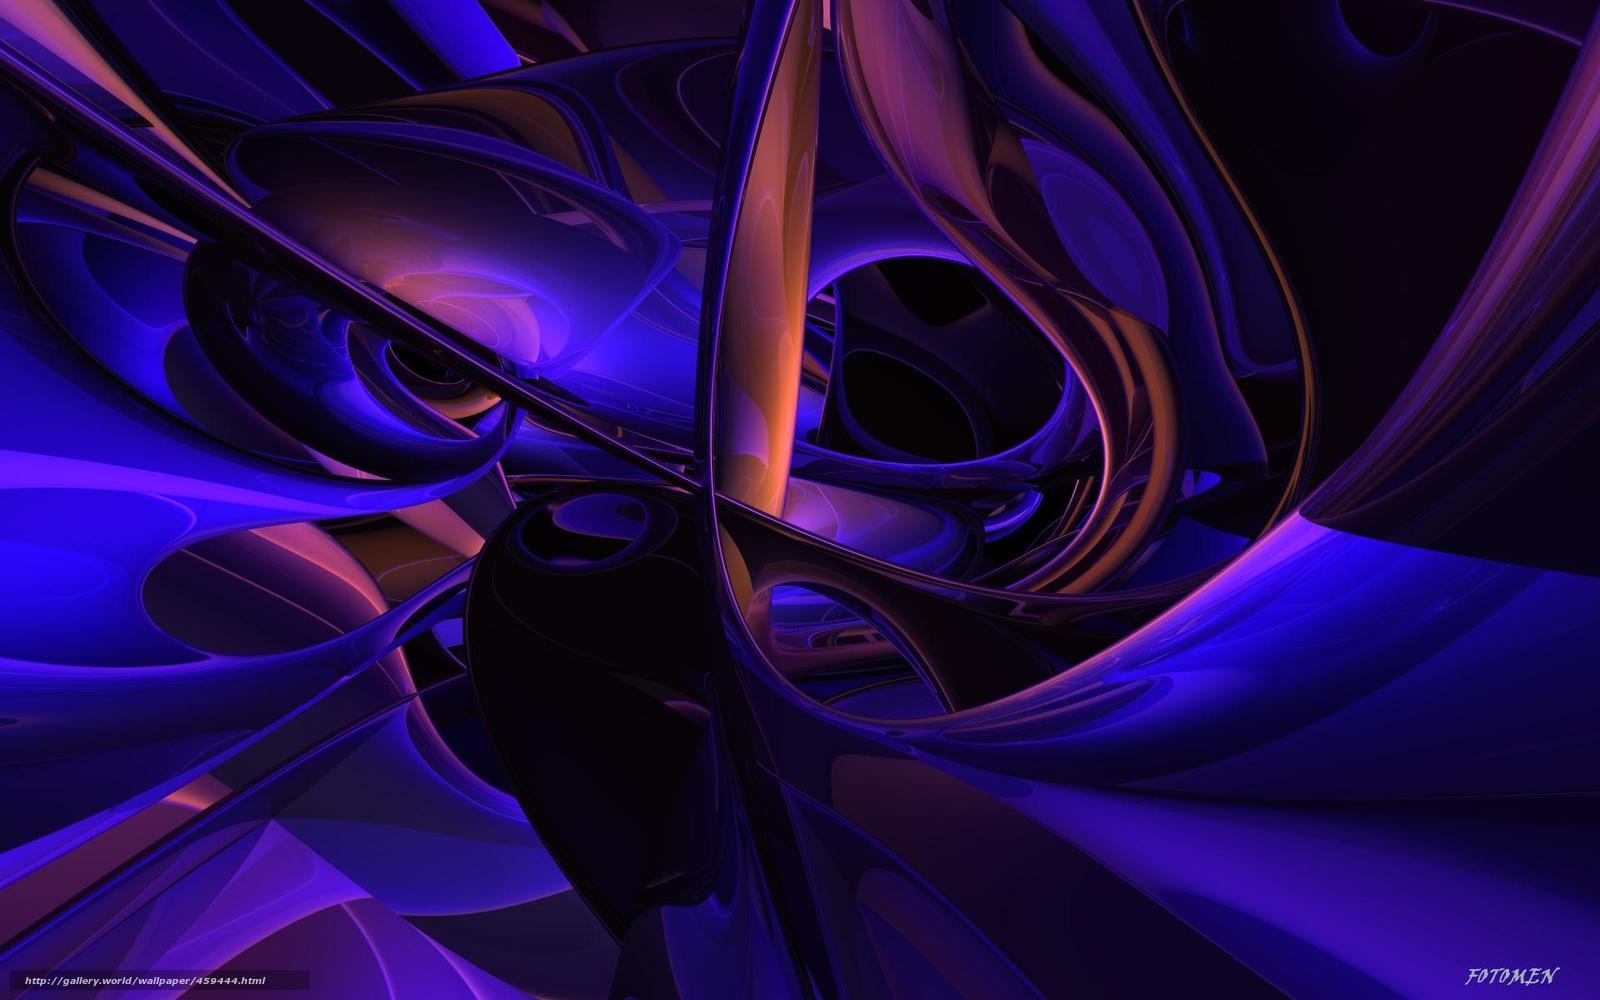 壁紙をダウンロード 抽象,  背景,  埋めfotomen デスクトップの解像度のための無料壁紙 1920x1200 — 絵 №459444